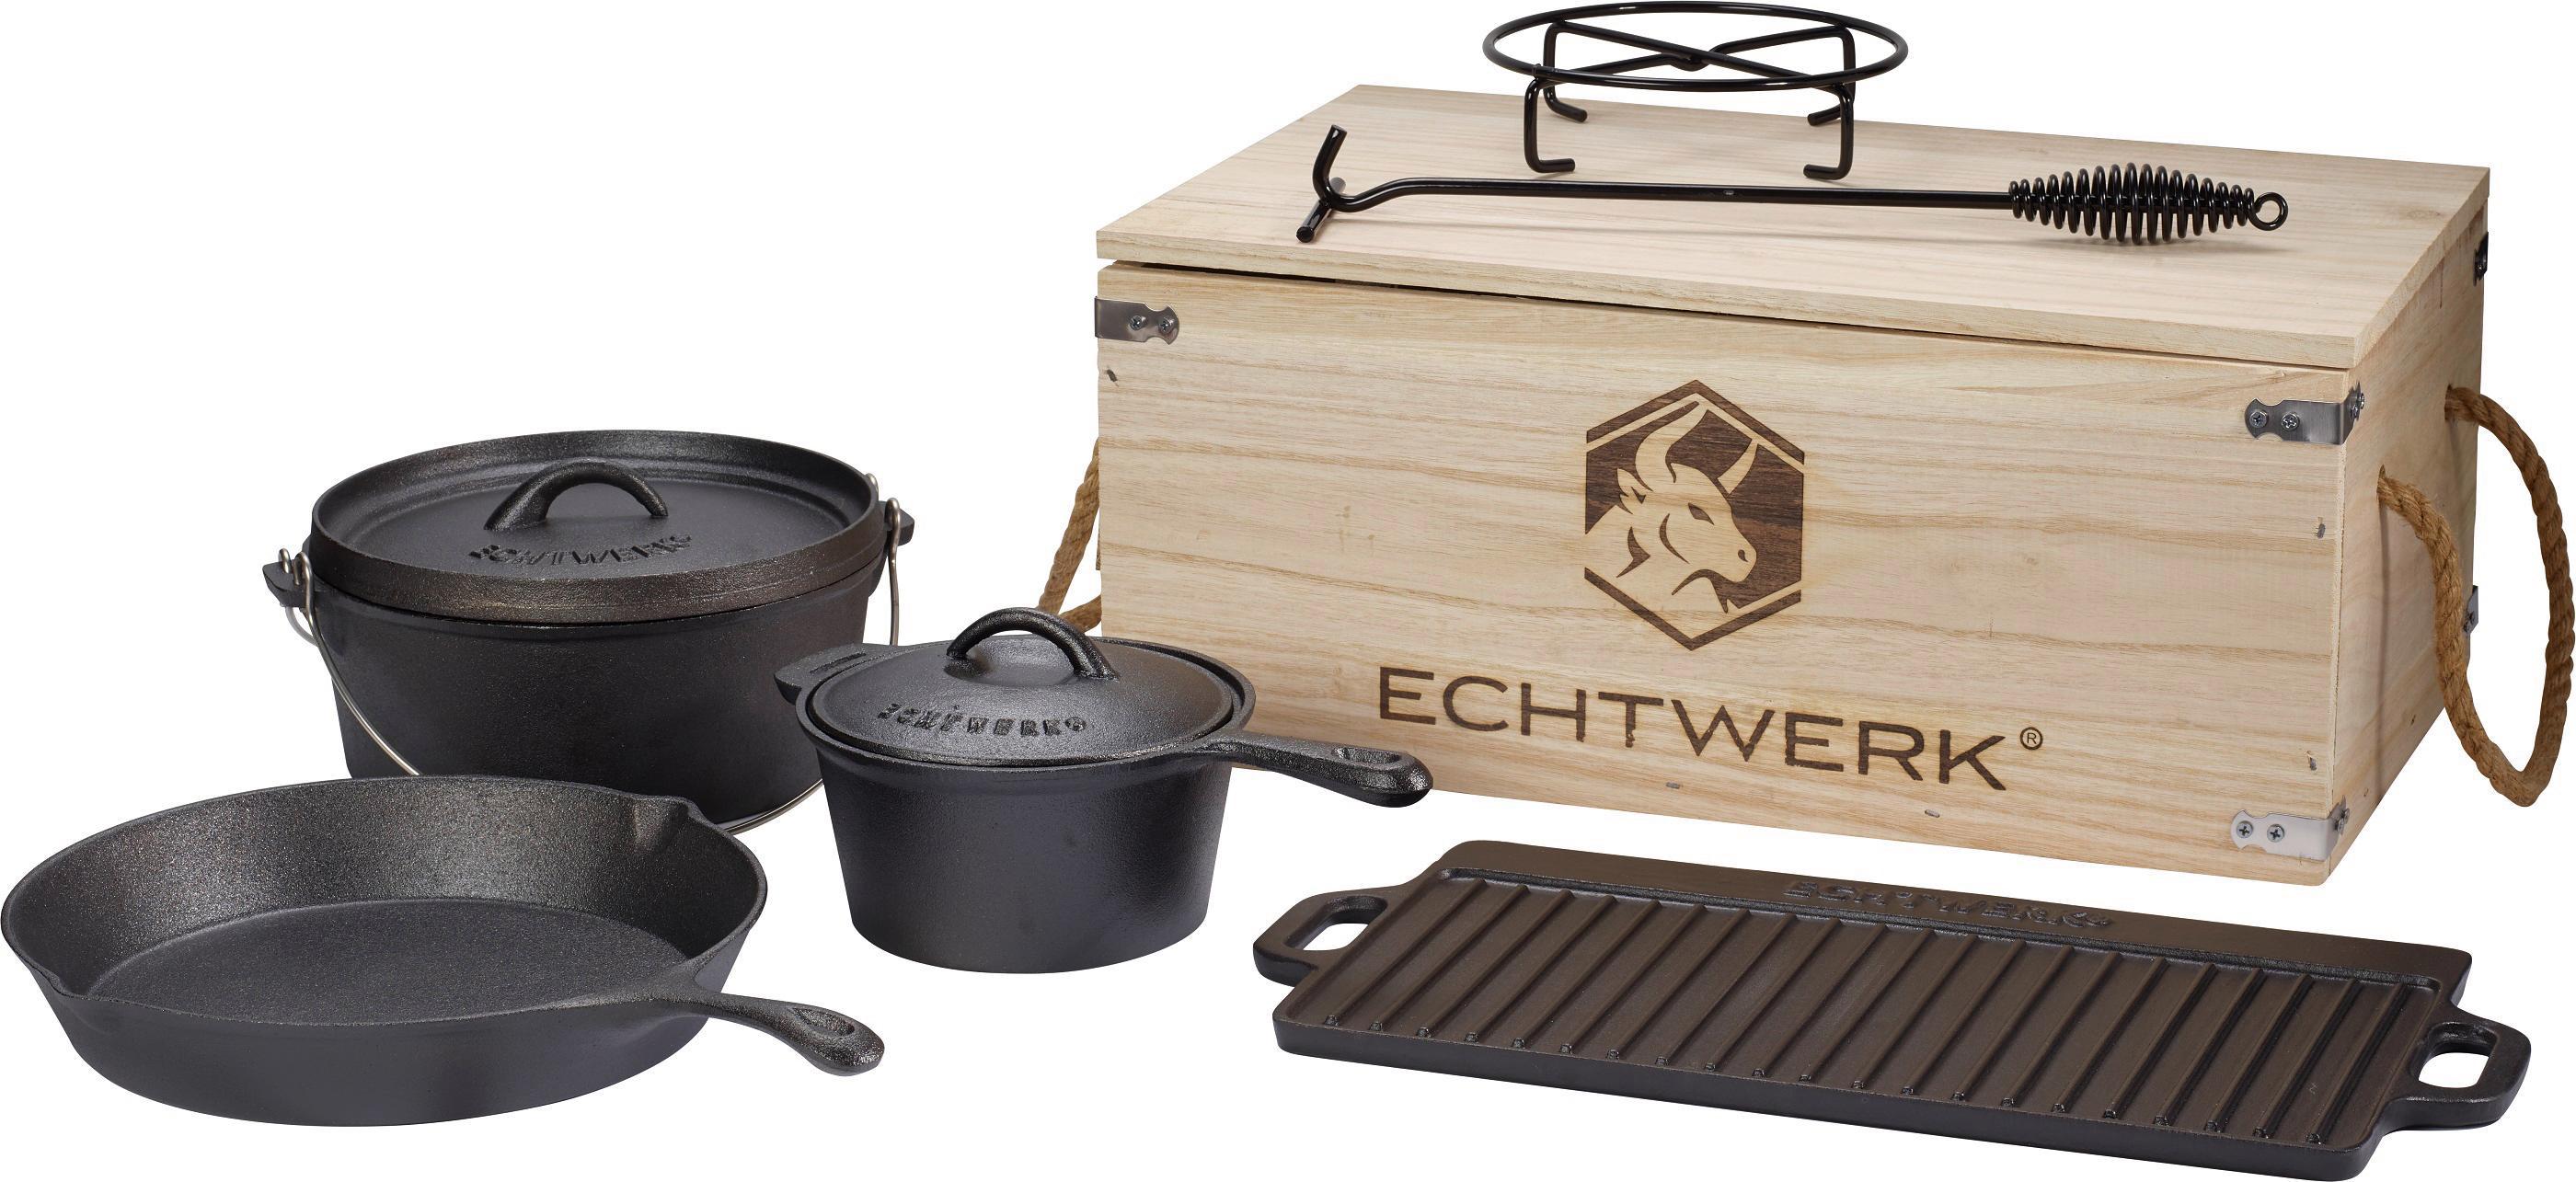 ECHTWERK Topf-Set Dutch Oven, Gusseisen, (Set, 7 tlg.) schwarz Topfsets Töpfe Haushaltswaren